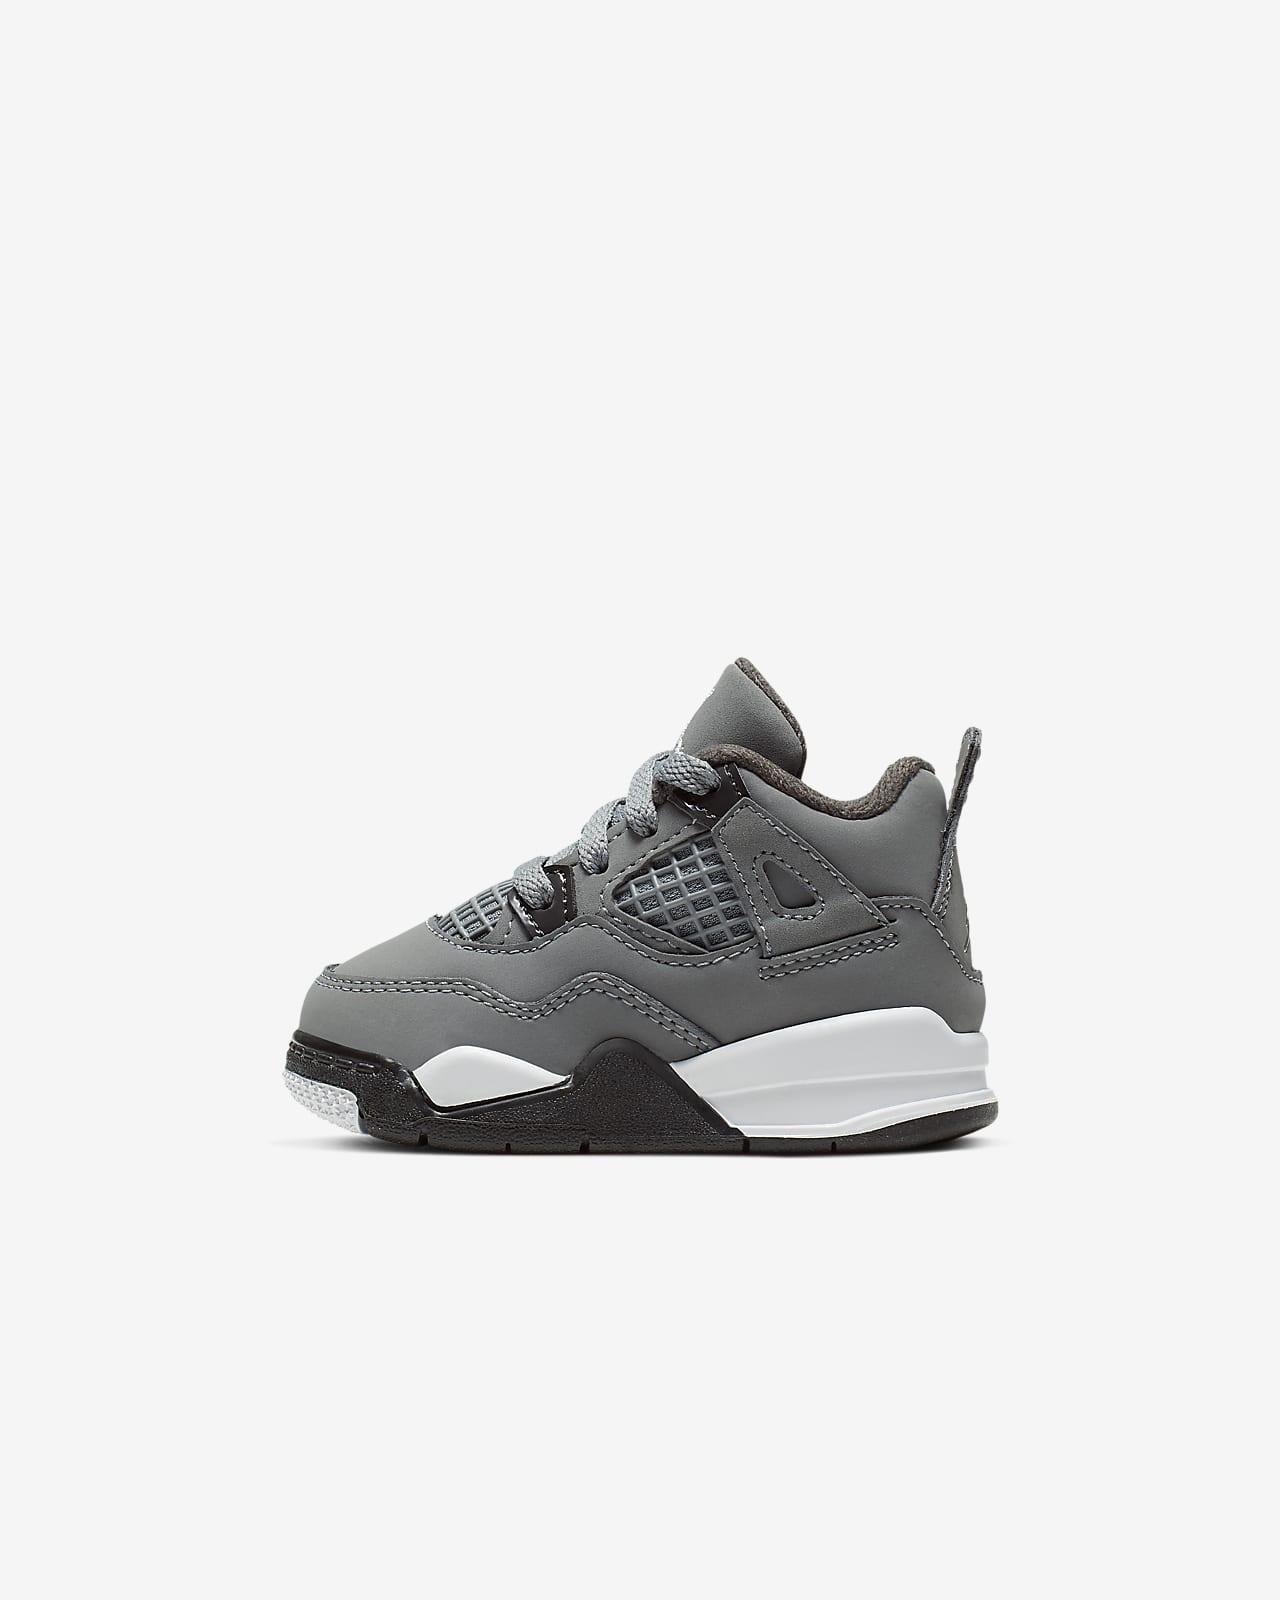 Air Jordan 4 Retro Baby \u0026amp; Toddler